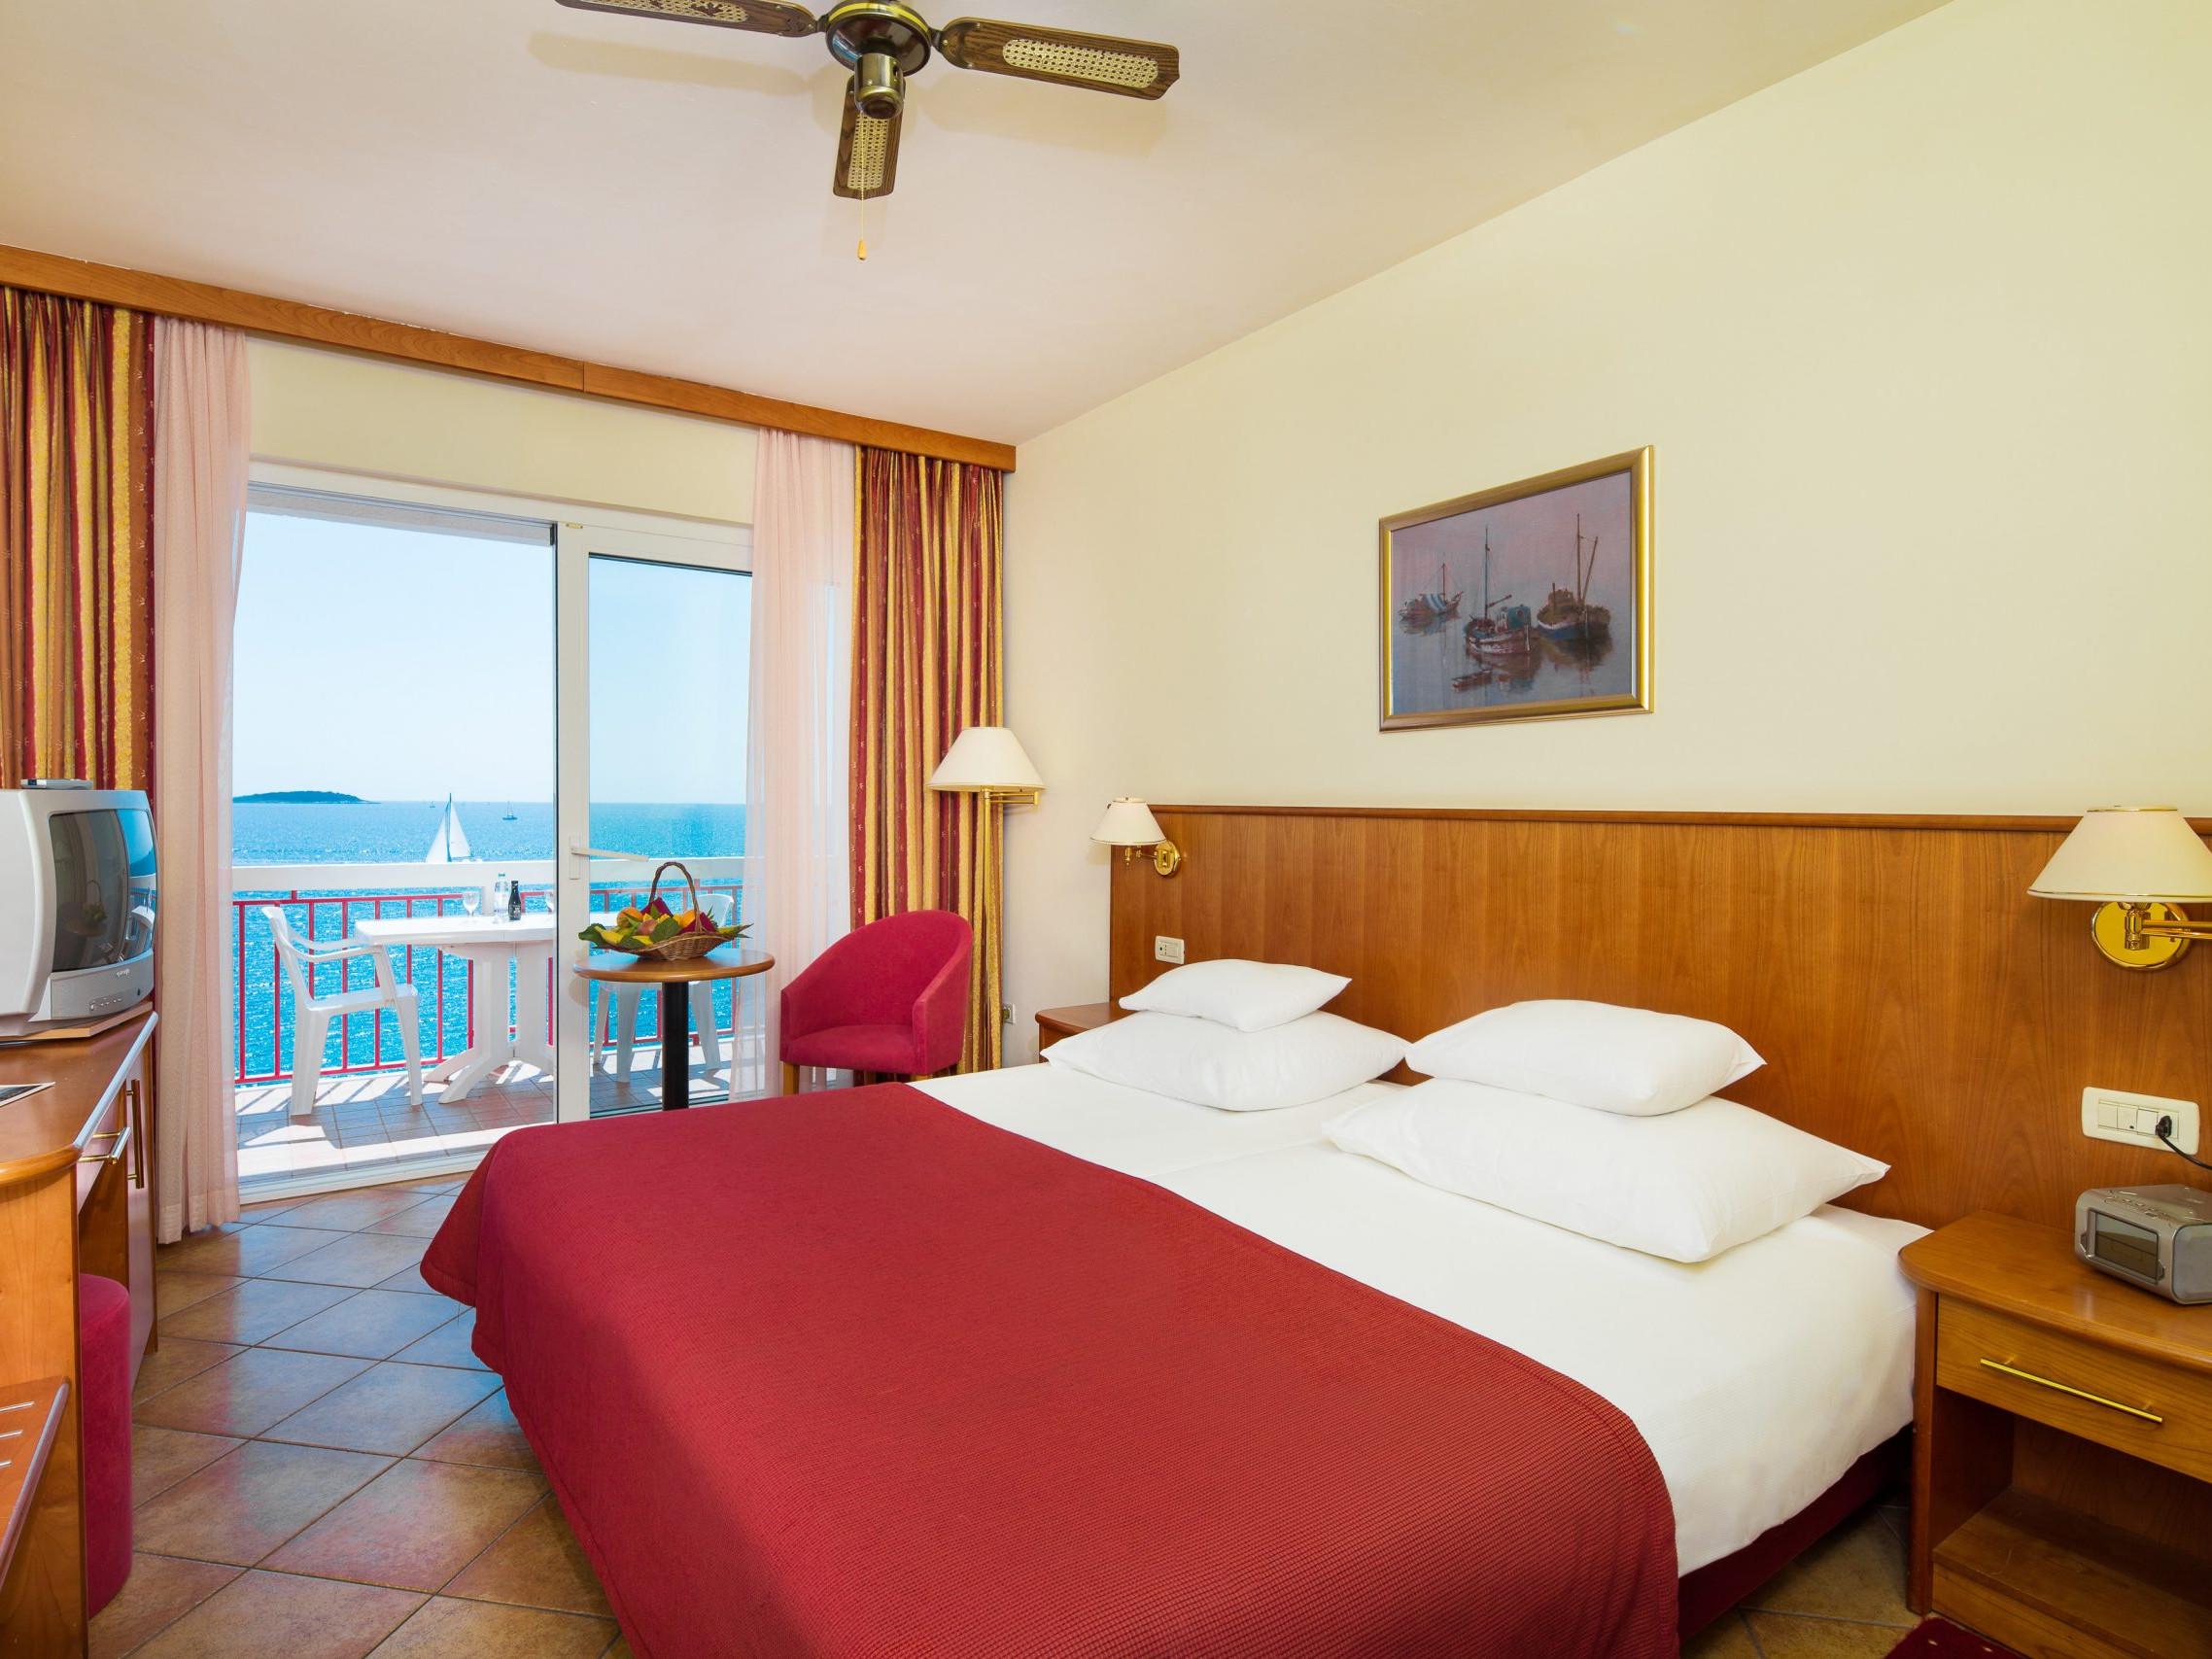 14823095304 41593e8f80 o scaled uai - Zora Hotel